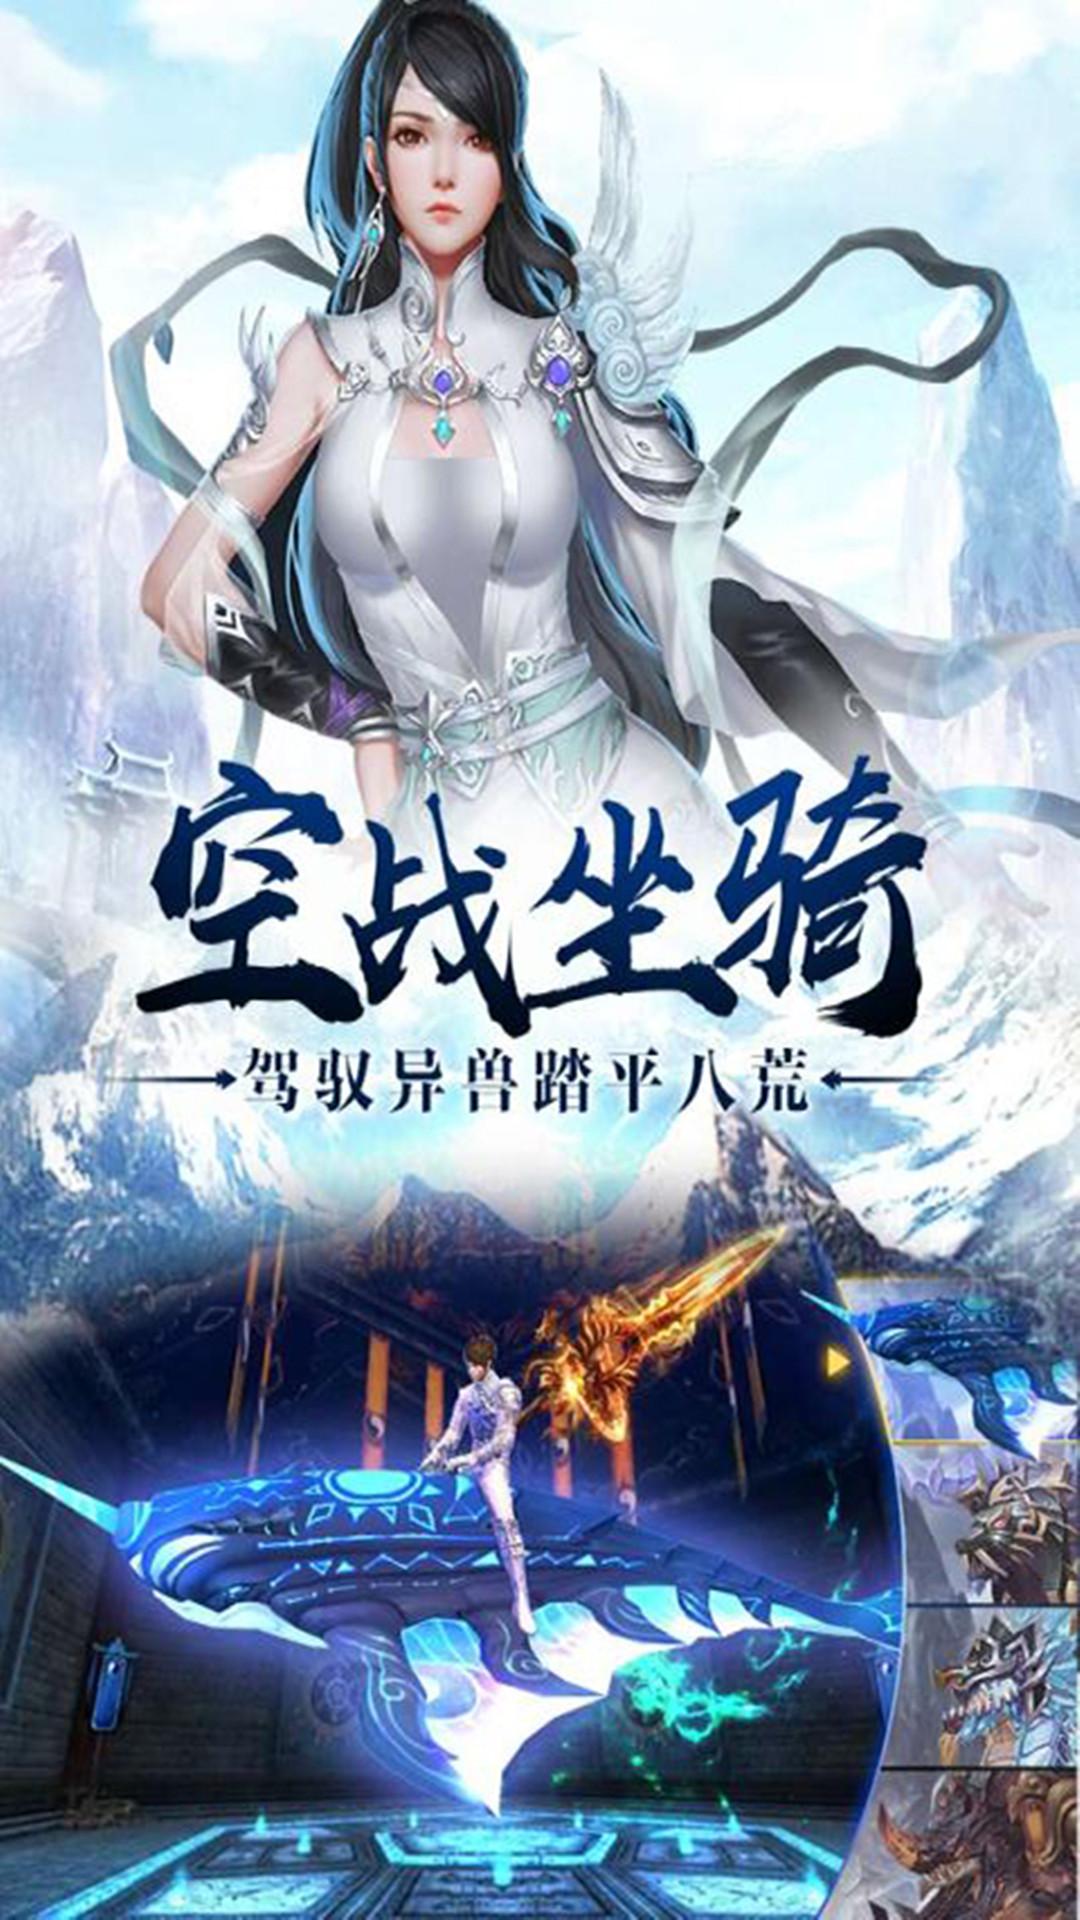 刀剑神魔录(国风梦幻仙侠) APP截图